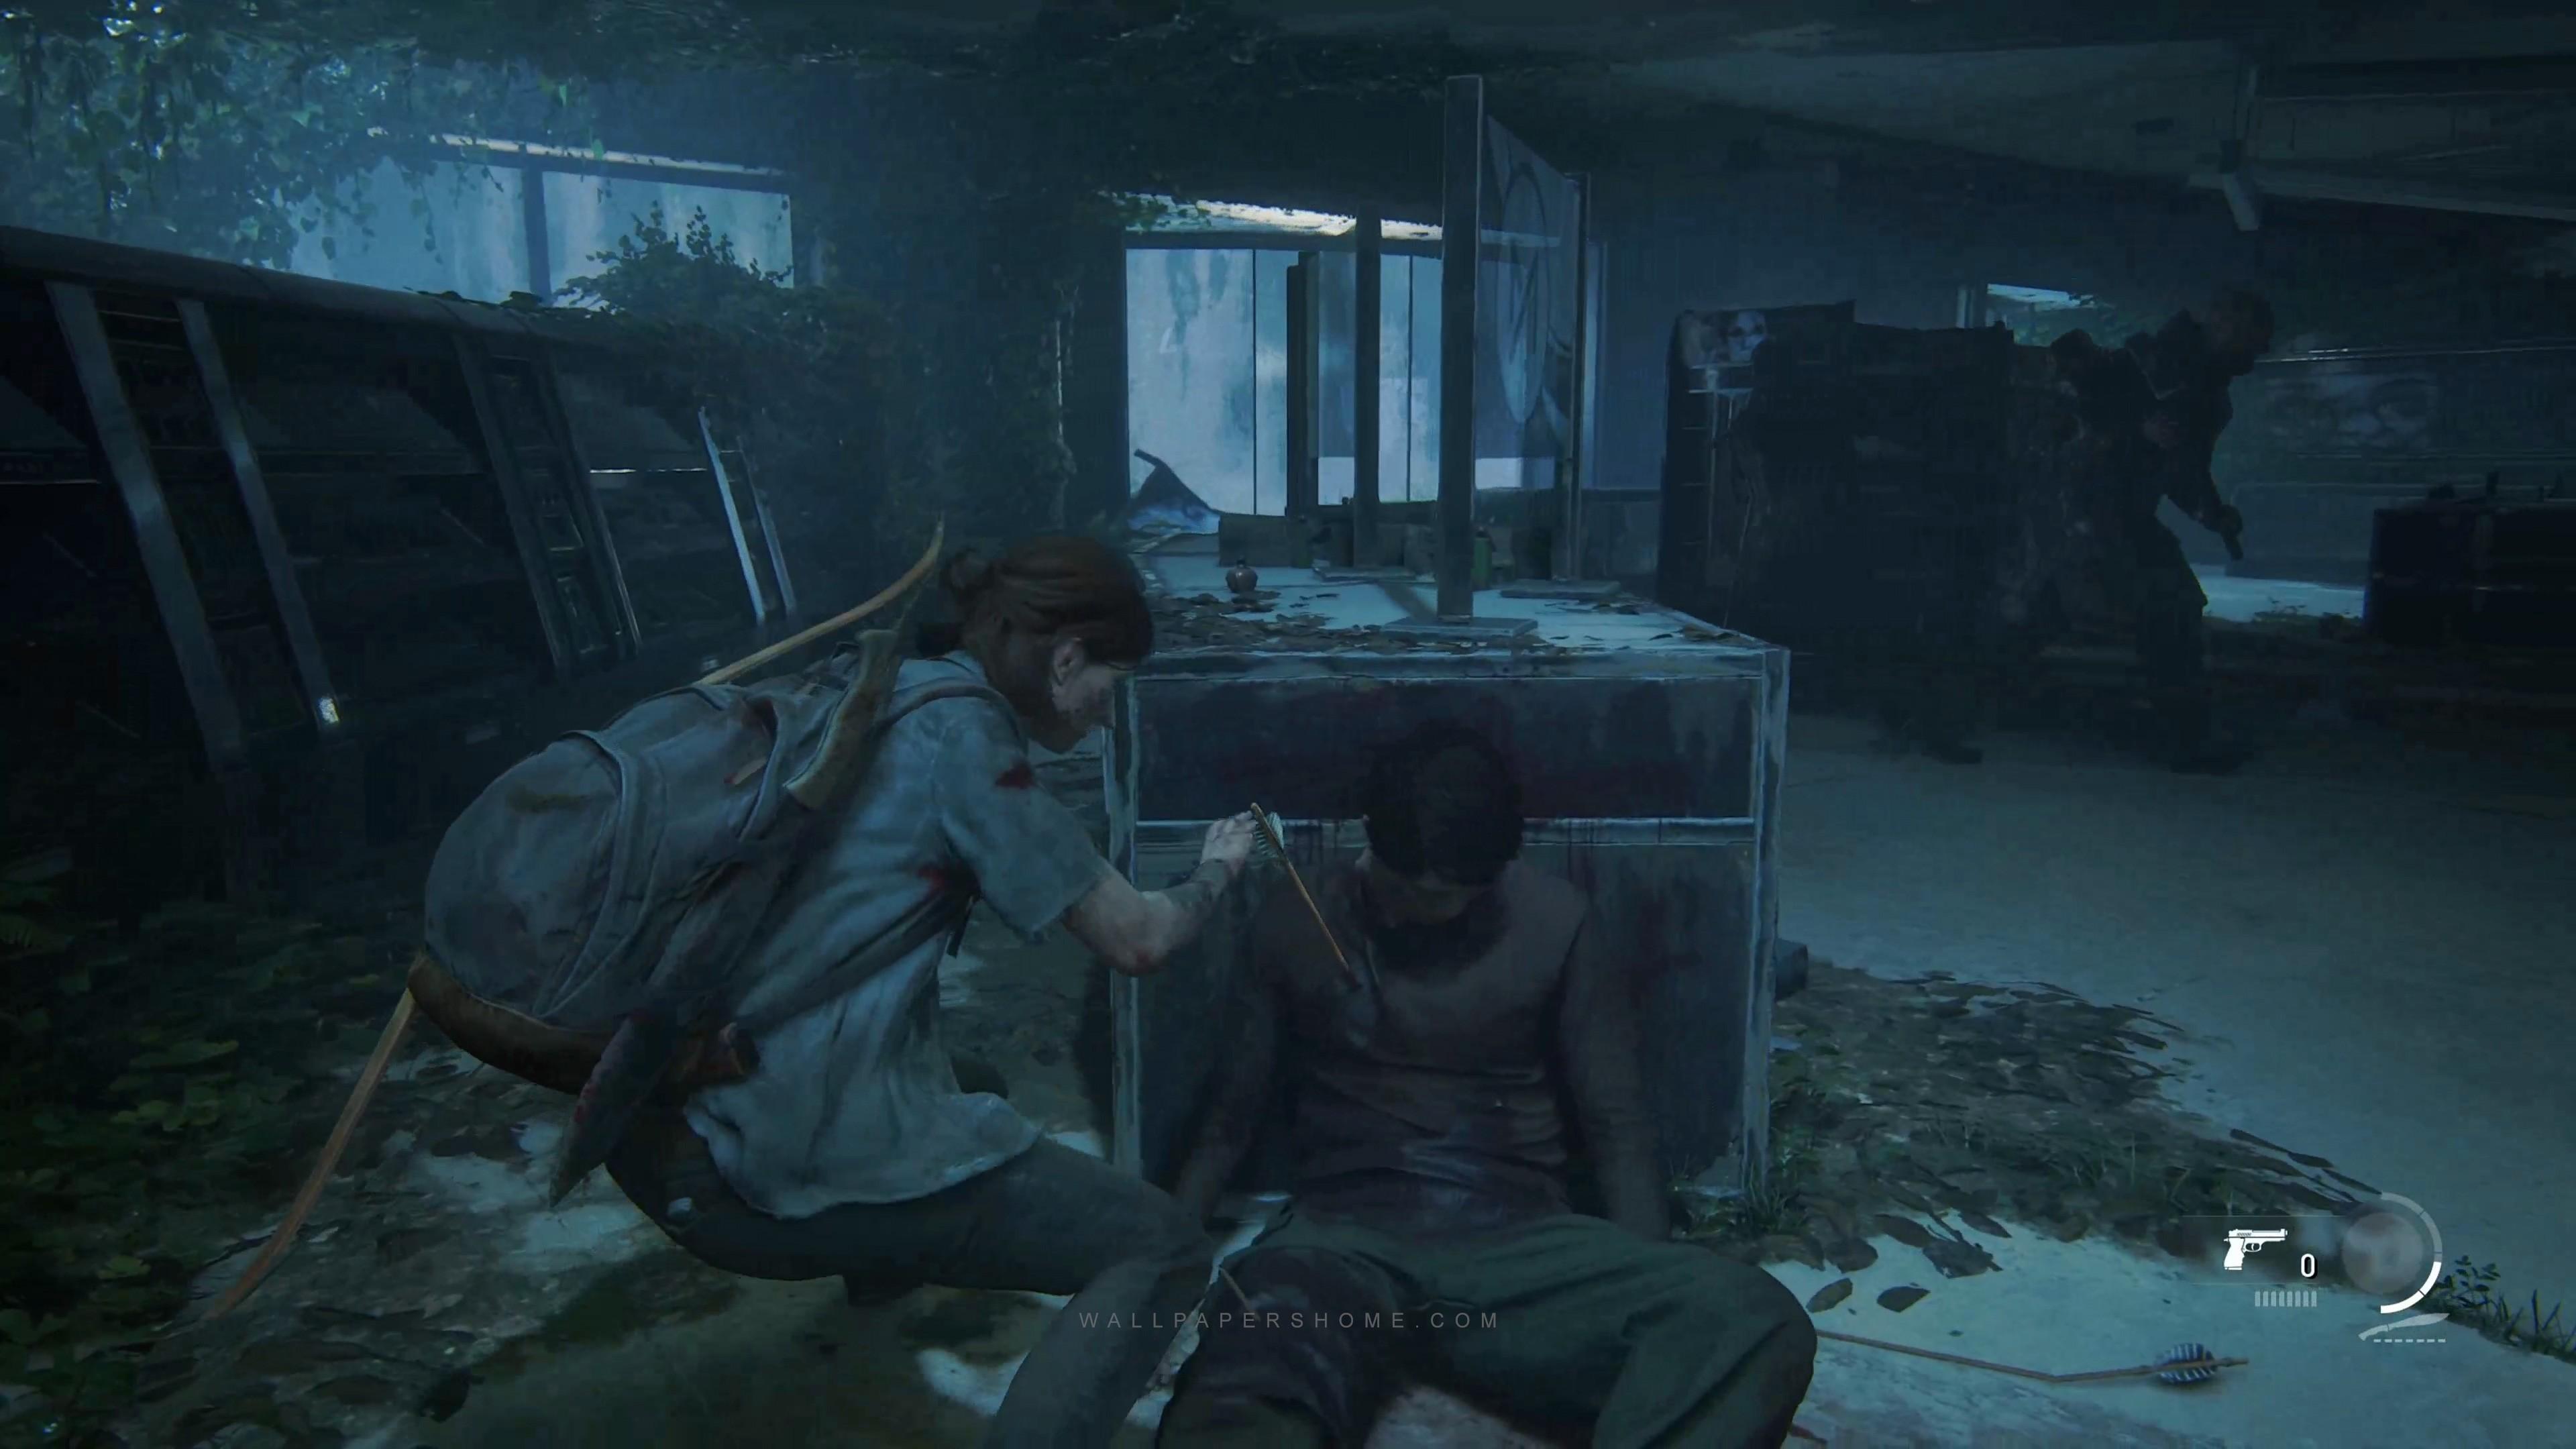 Wallpaper The Last Of Us Part 2 E3 2018 Screenshot Games 19080